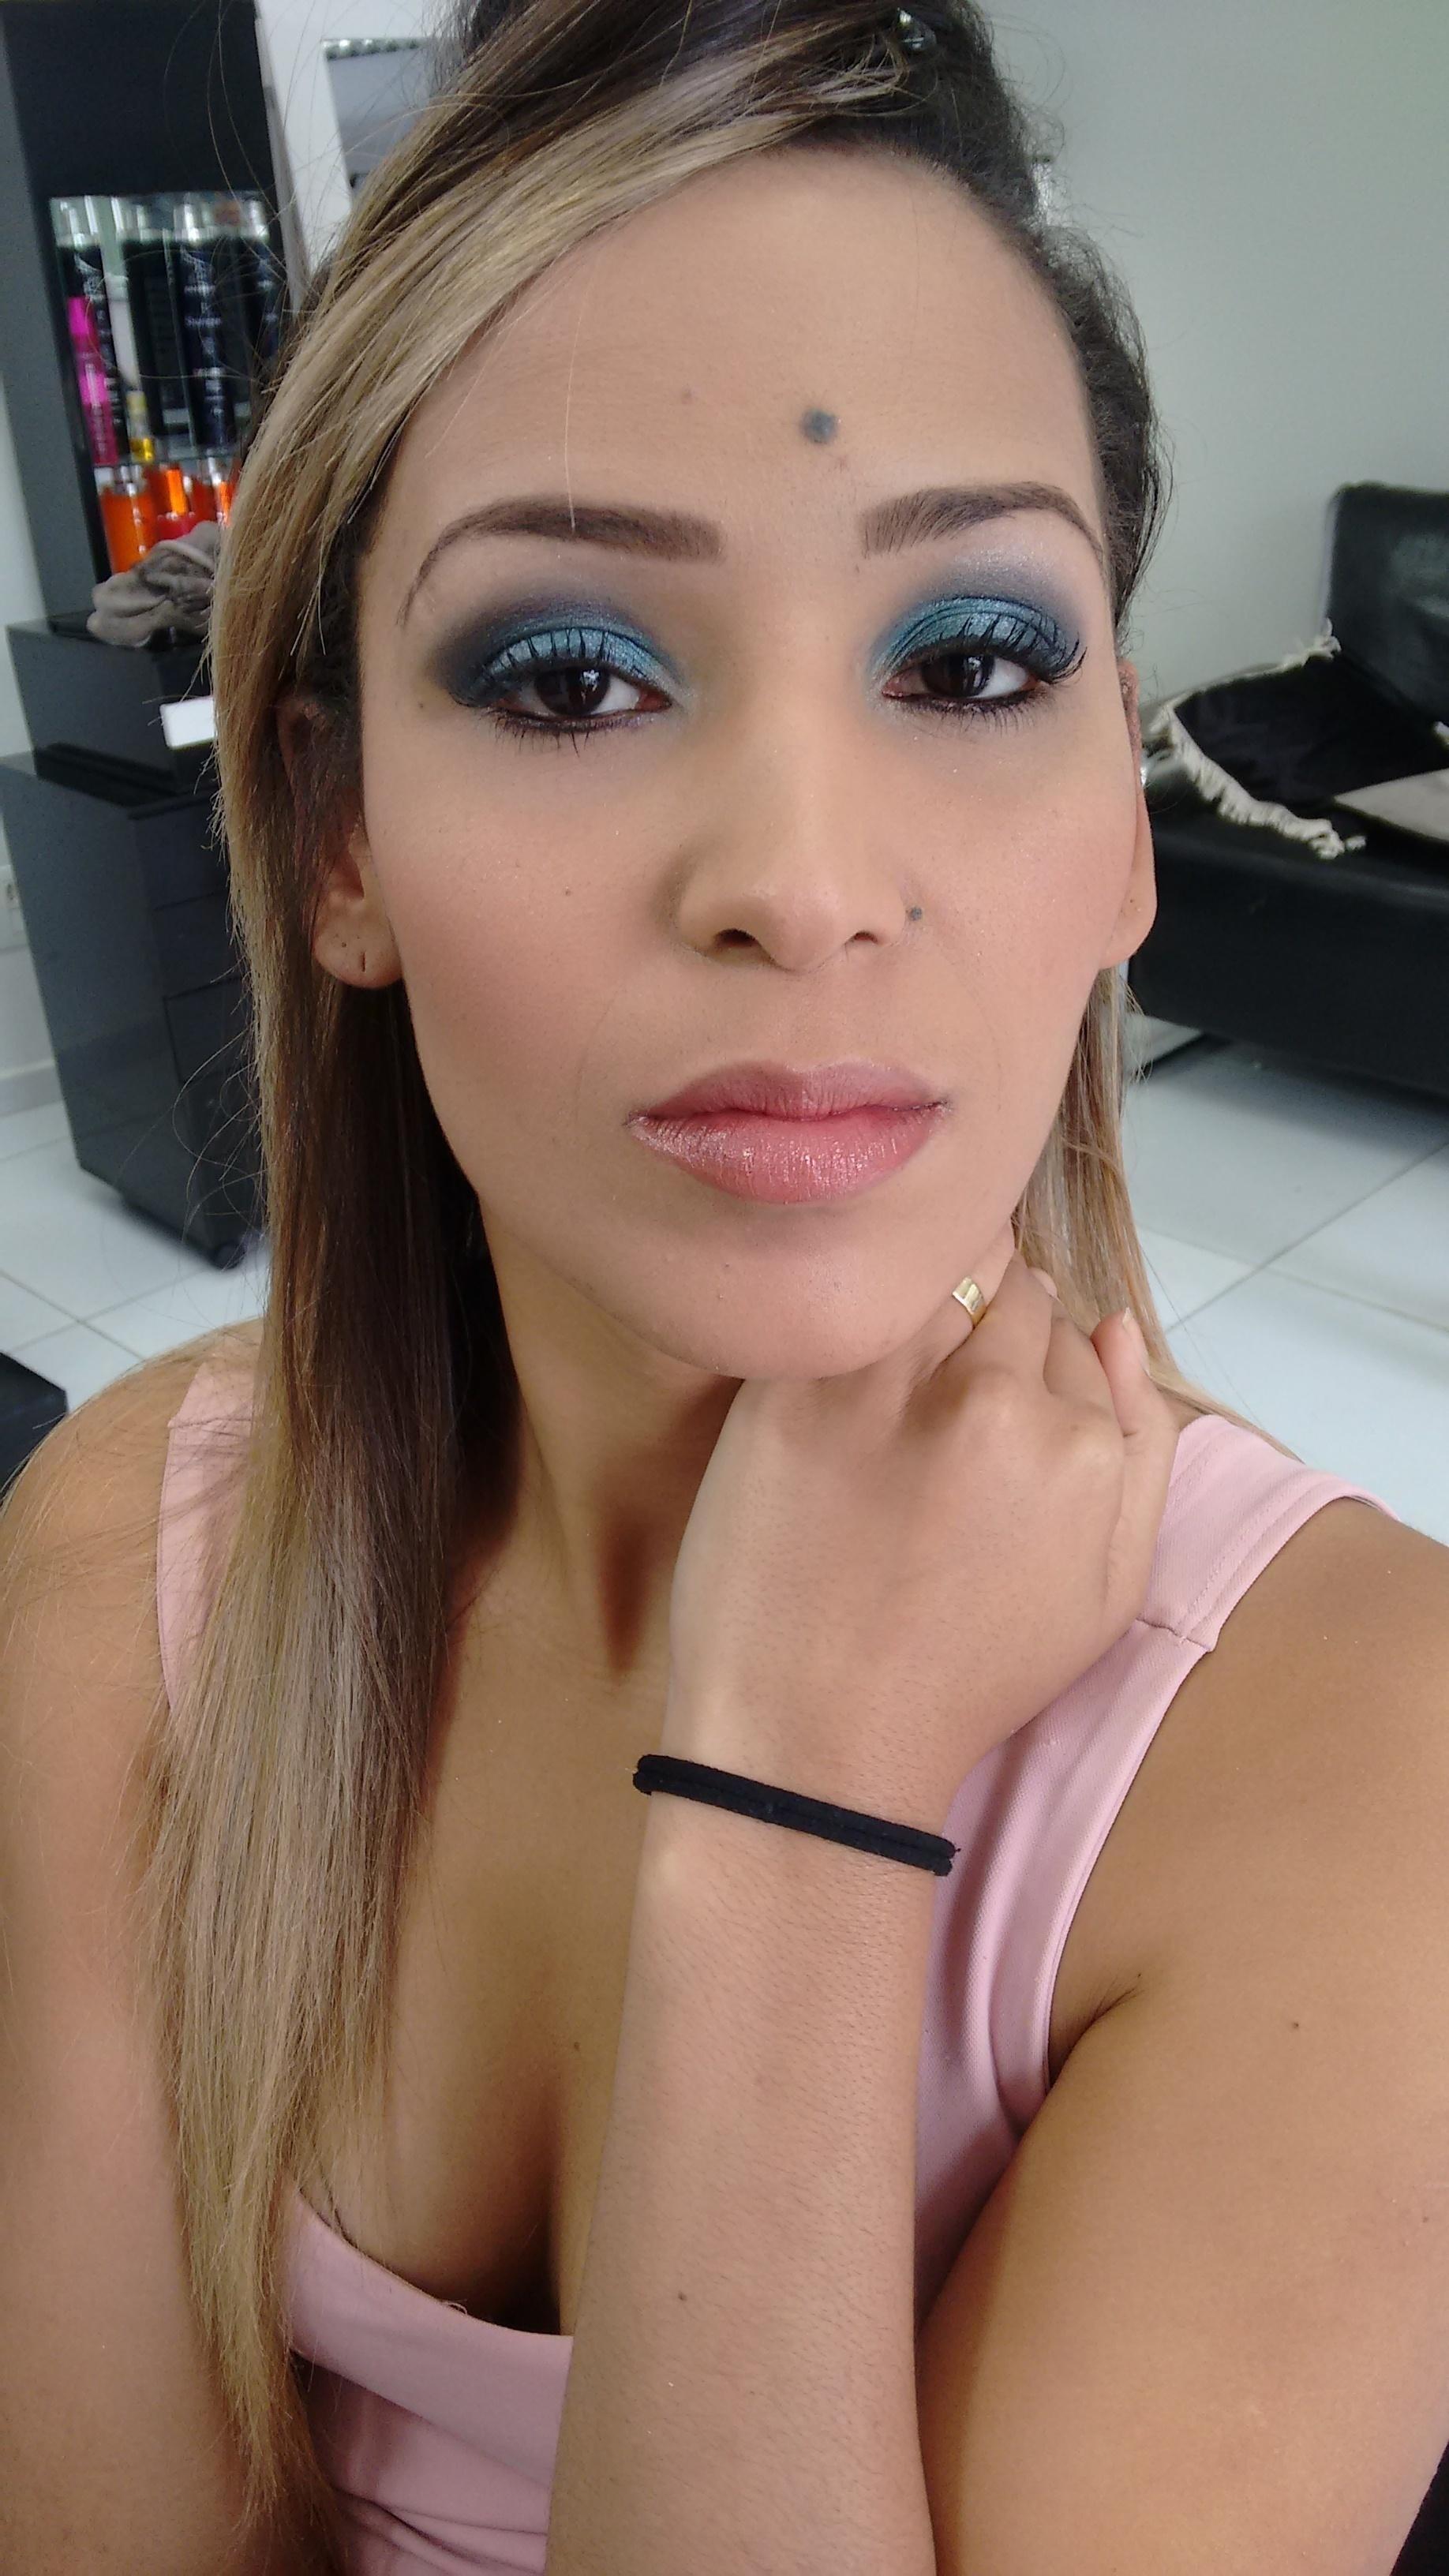 #makeup #mua #love #amo #paixão #foco #serfeliz #amaraprofissão maquiagem maquiador(a)